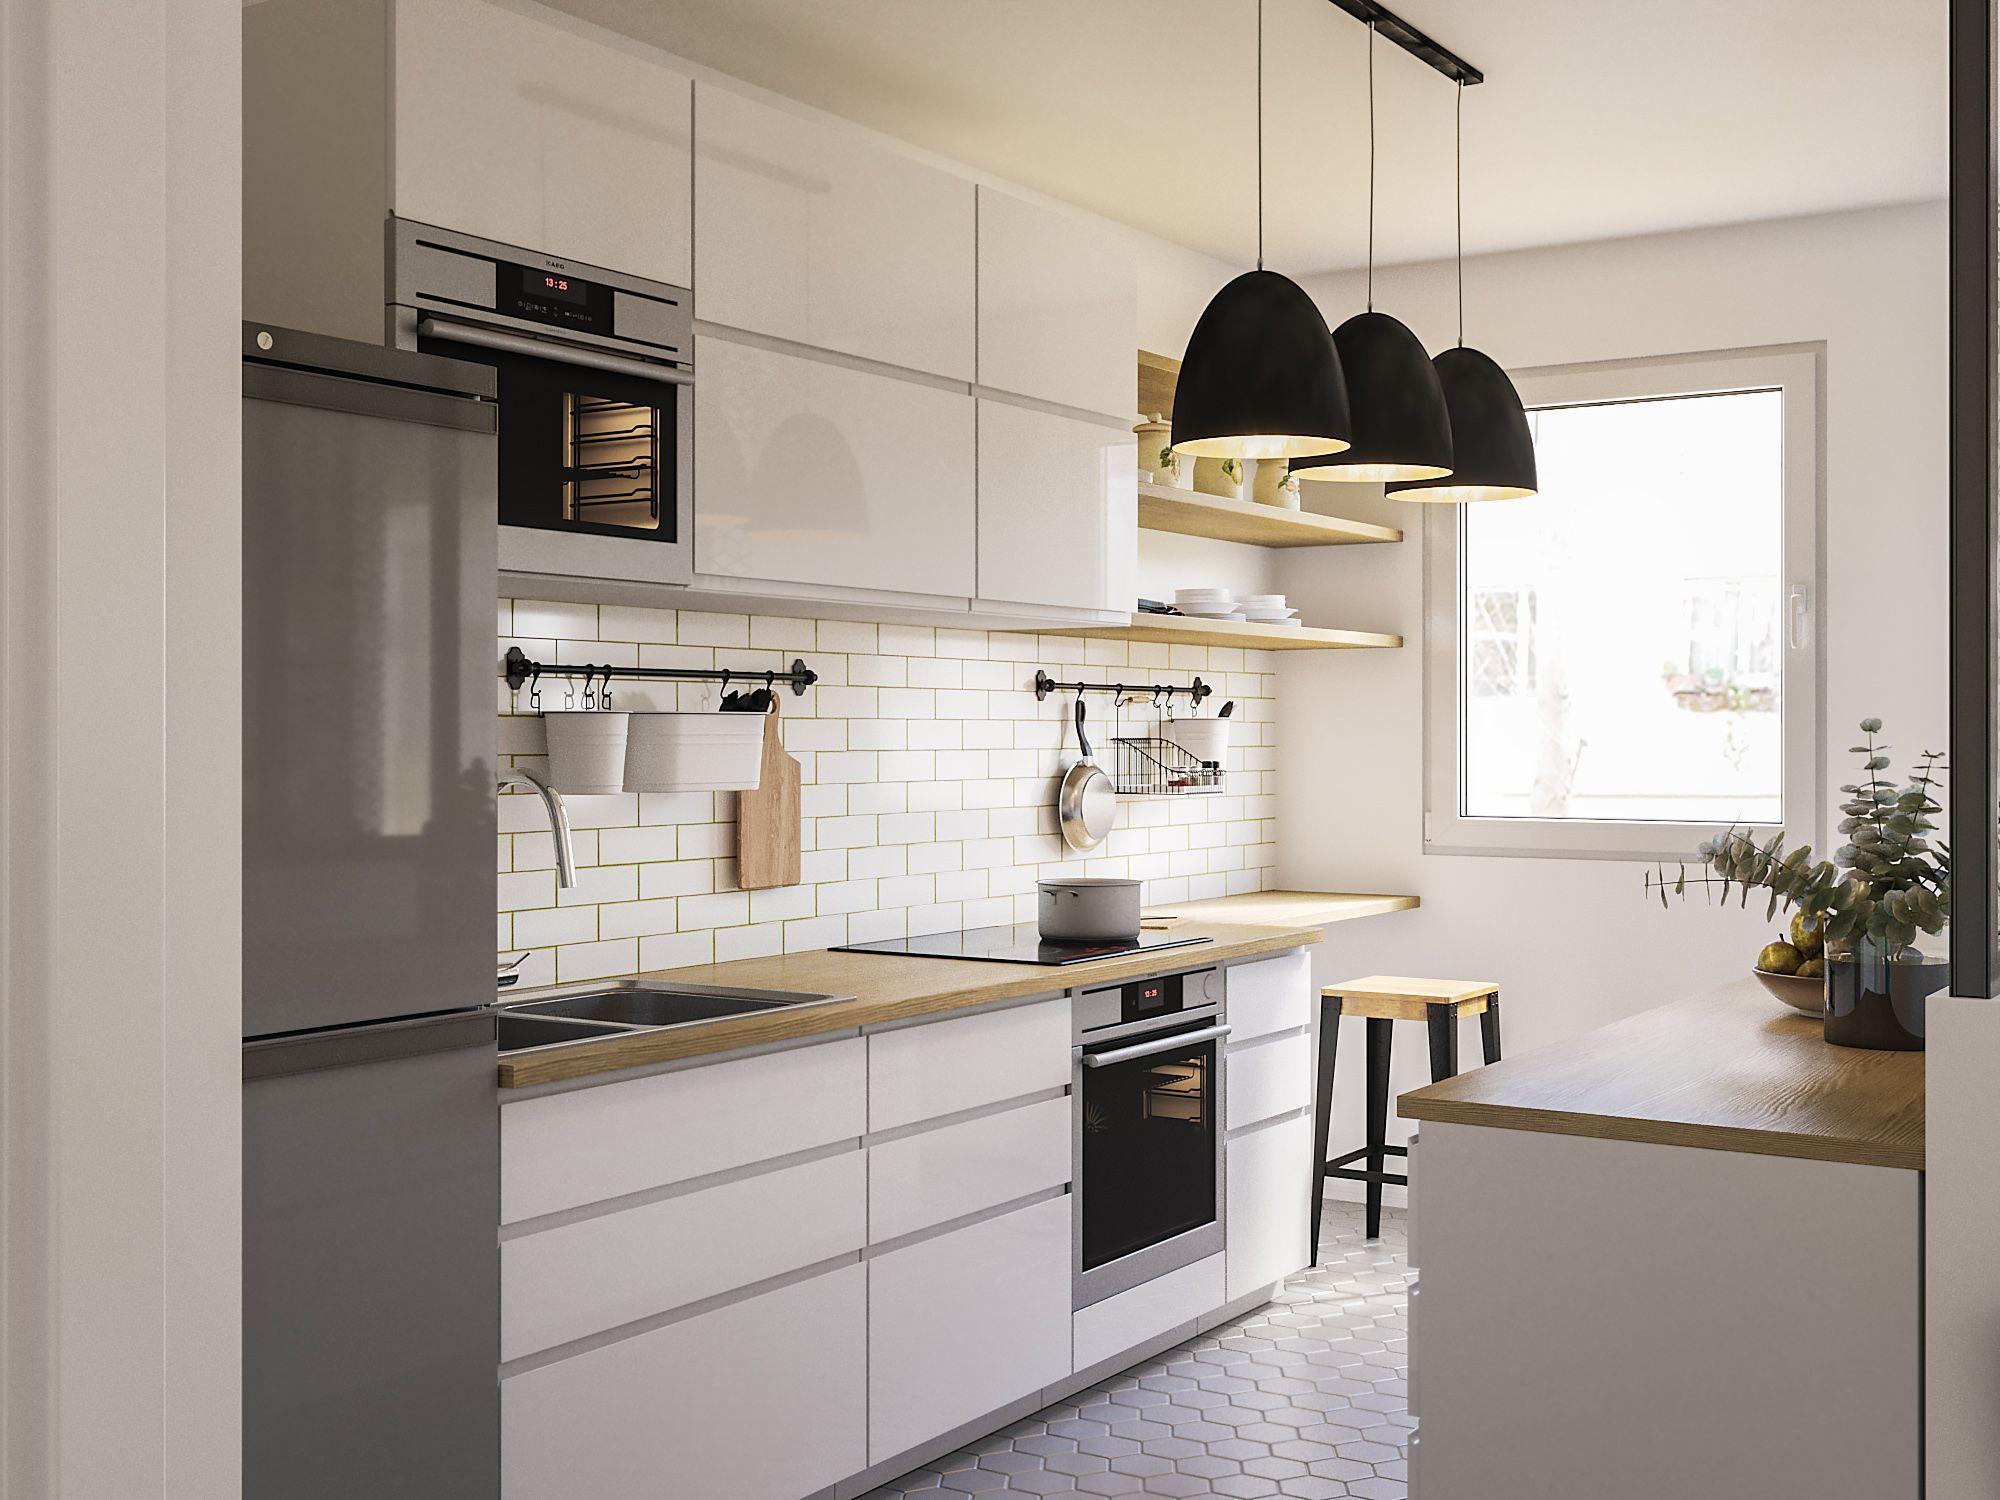 romain dujon pr aux architecte d 39 int rieur montpellier sp cialiste am nagement commercial. Black Bedroom Furniture Sets. Home Design Ideas